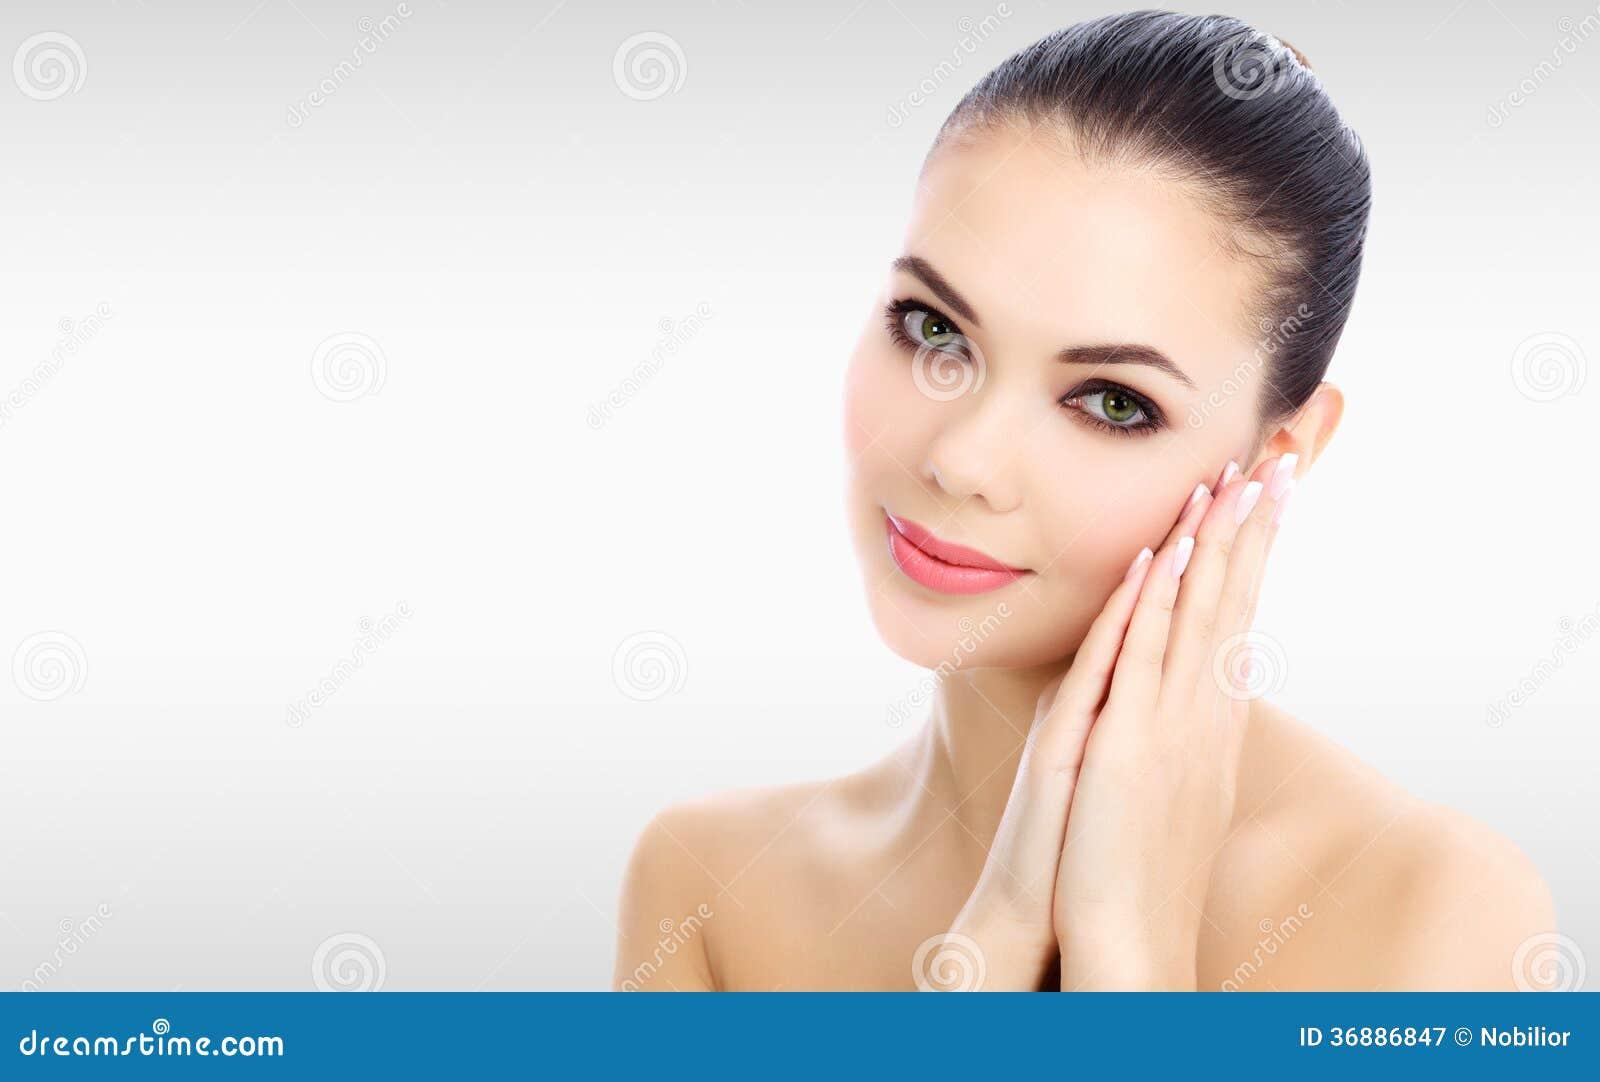 Download Donna graziosa immagine stock. Immagine di ragazza, sano - 36886847